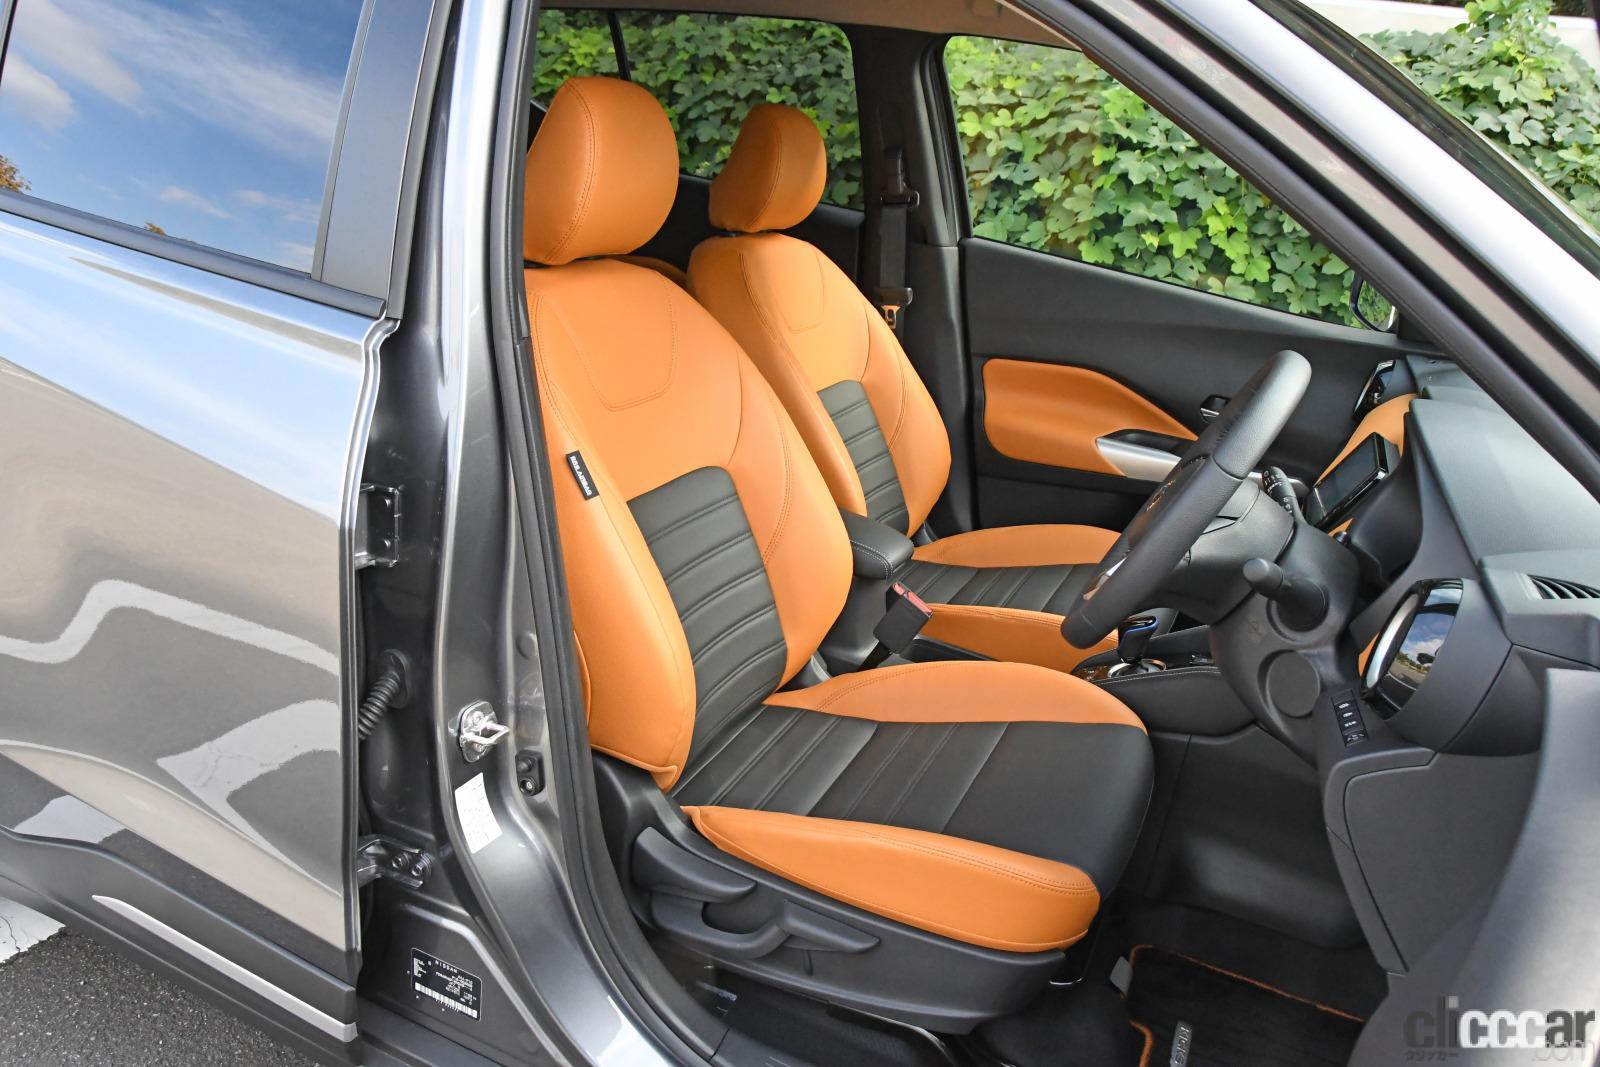 「SUVのeパワー搭載モデルが登場。コンパクトカー、ミニバンに続く第3弾【日産キックス試乗】」の4枚目の画像